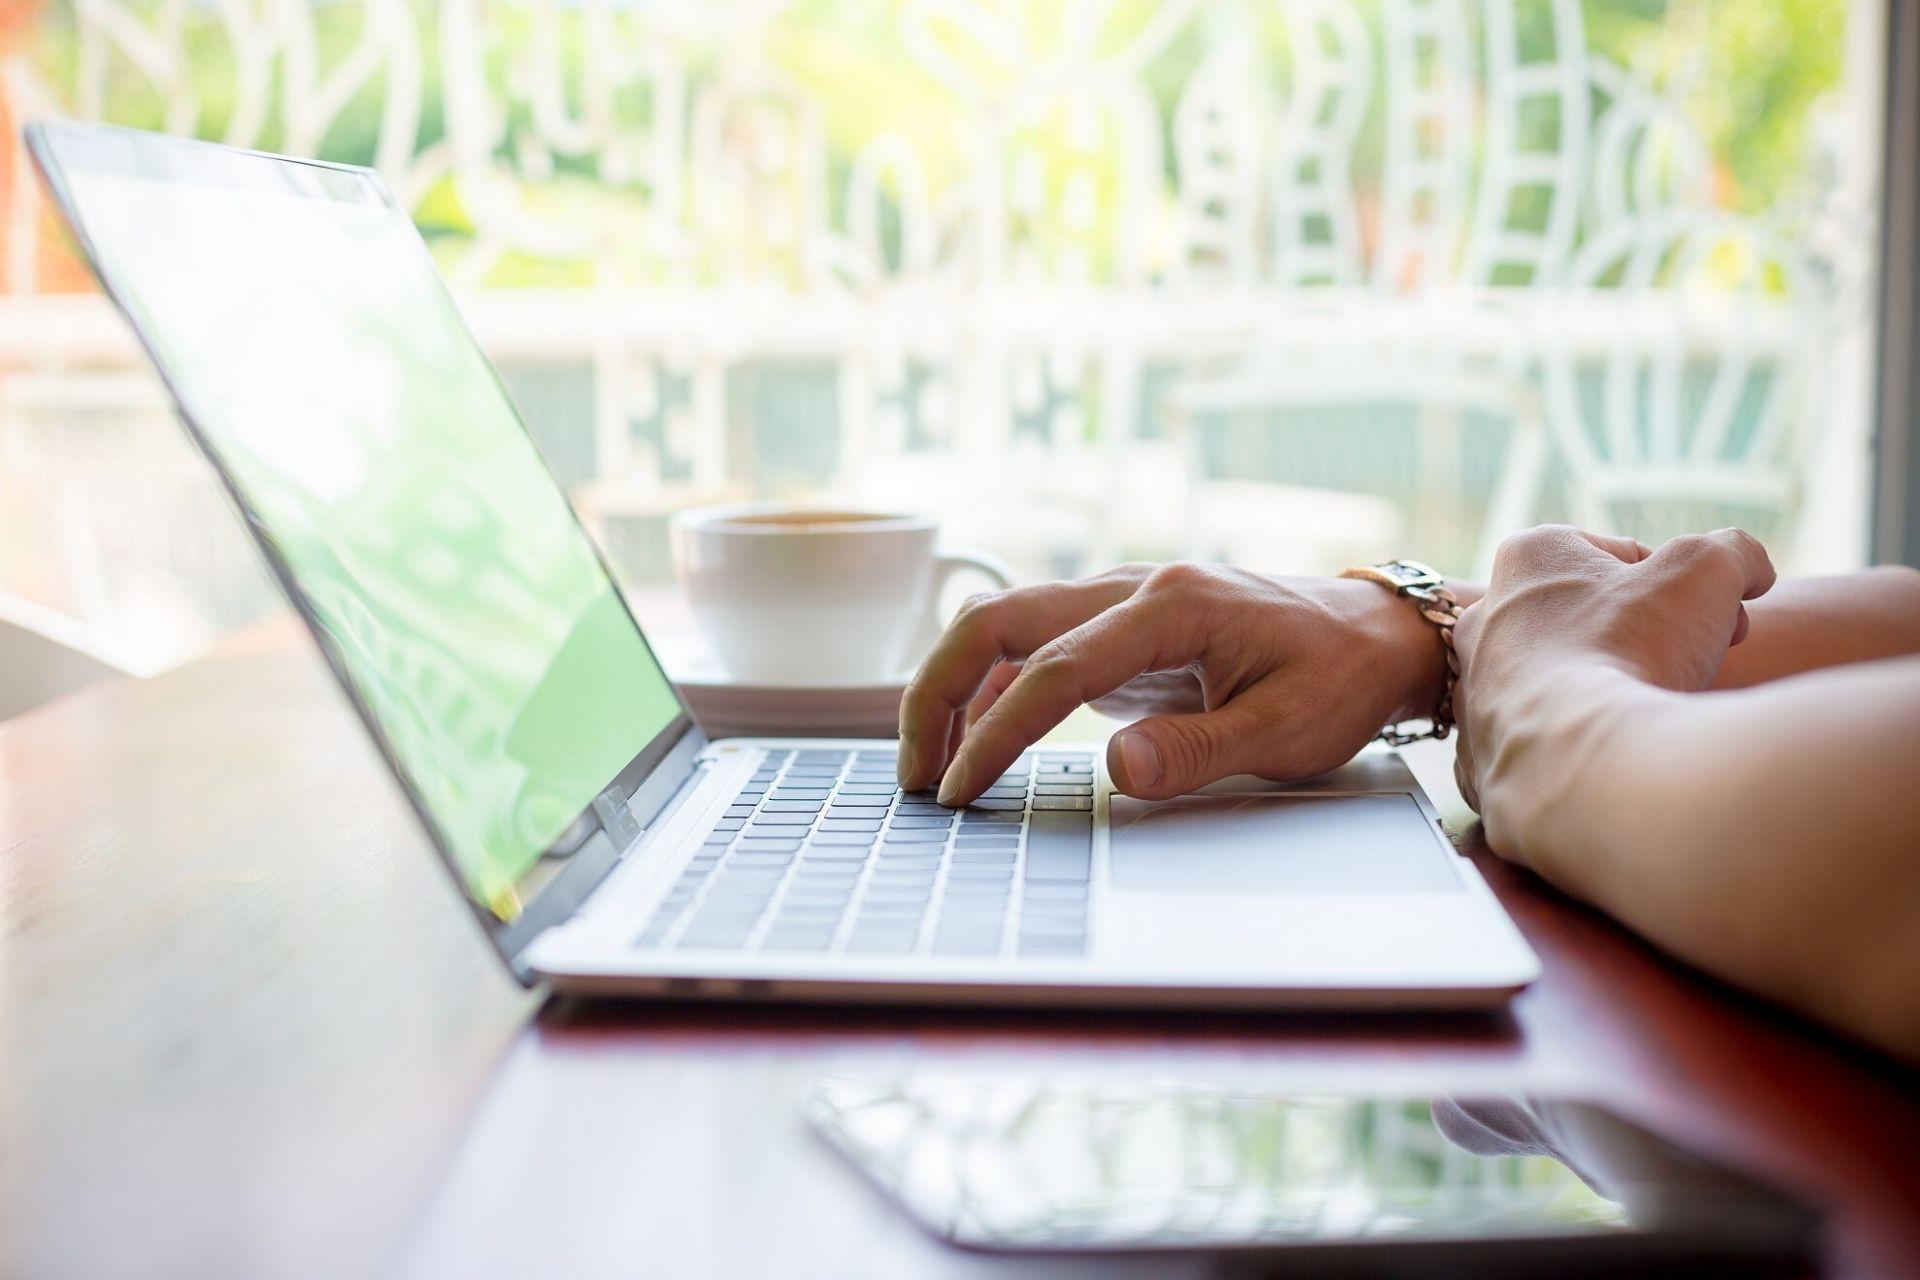 renovar prestación por desempleo online portada